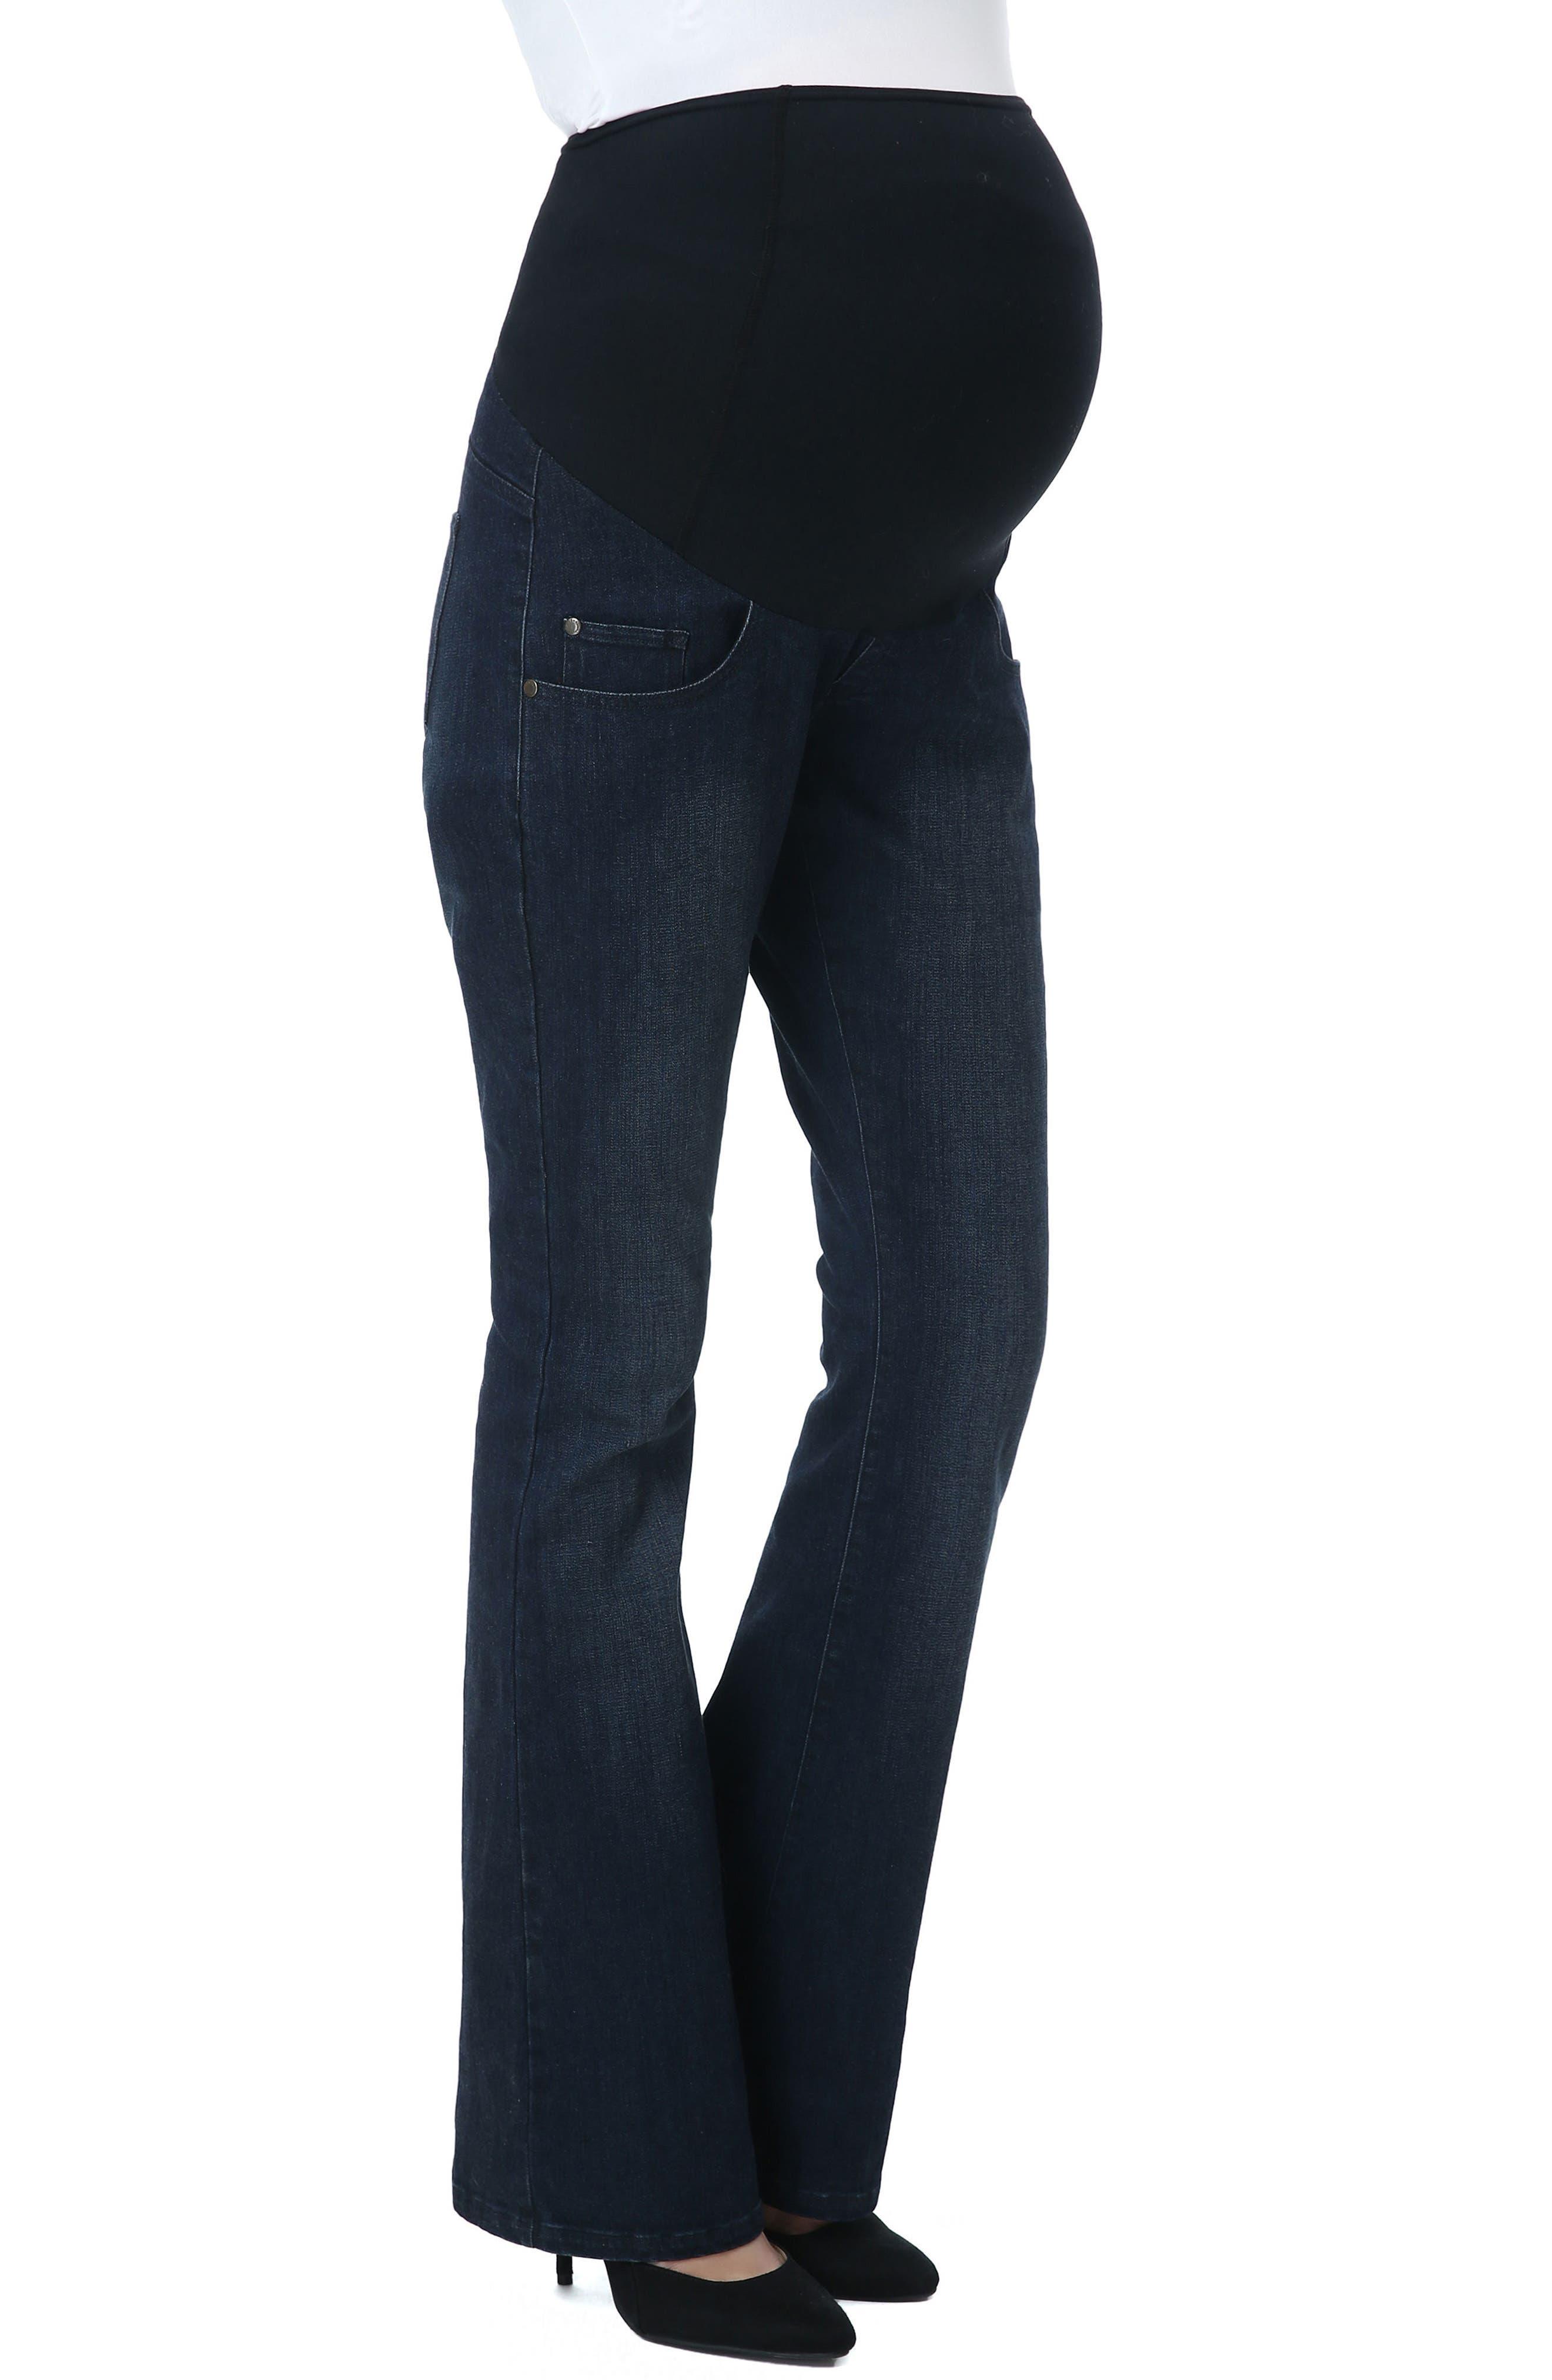 Leni Maternity Bootcut Jeans,                             Main thumbnail 1, color,                             Black/ Blue